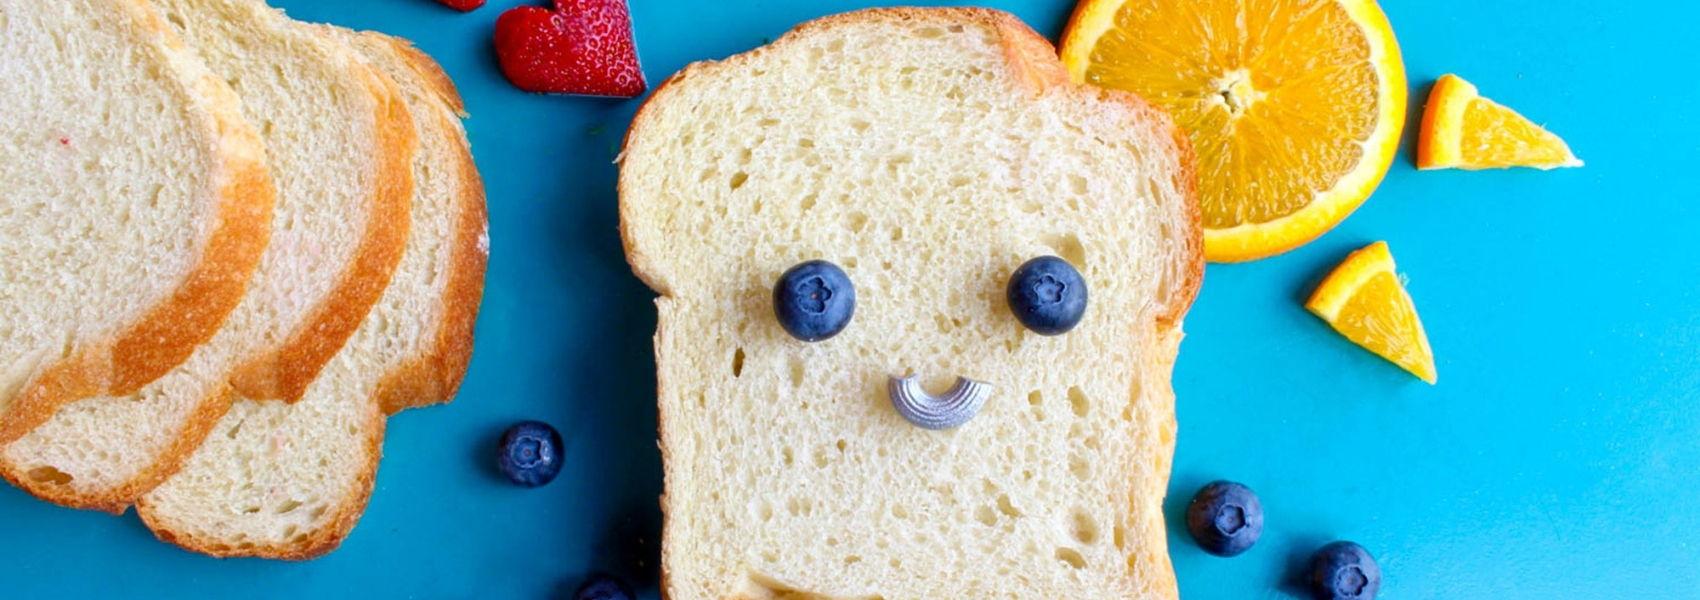 Crianças e os anúncios a alimentos nos Instagram e redes sociais